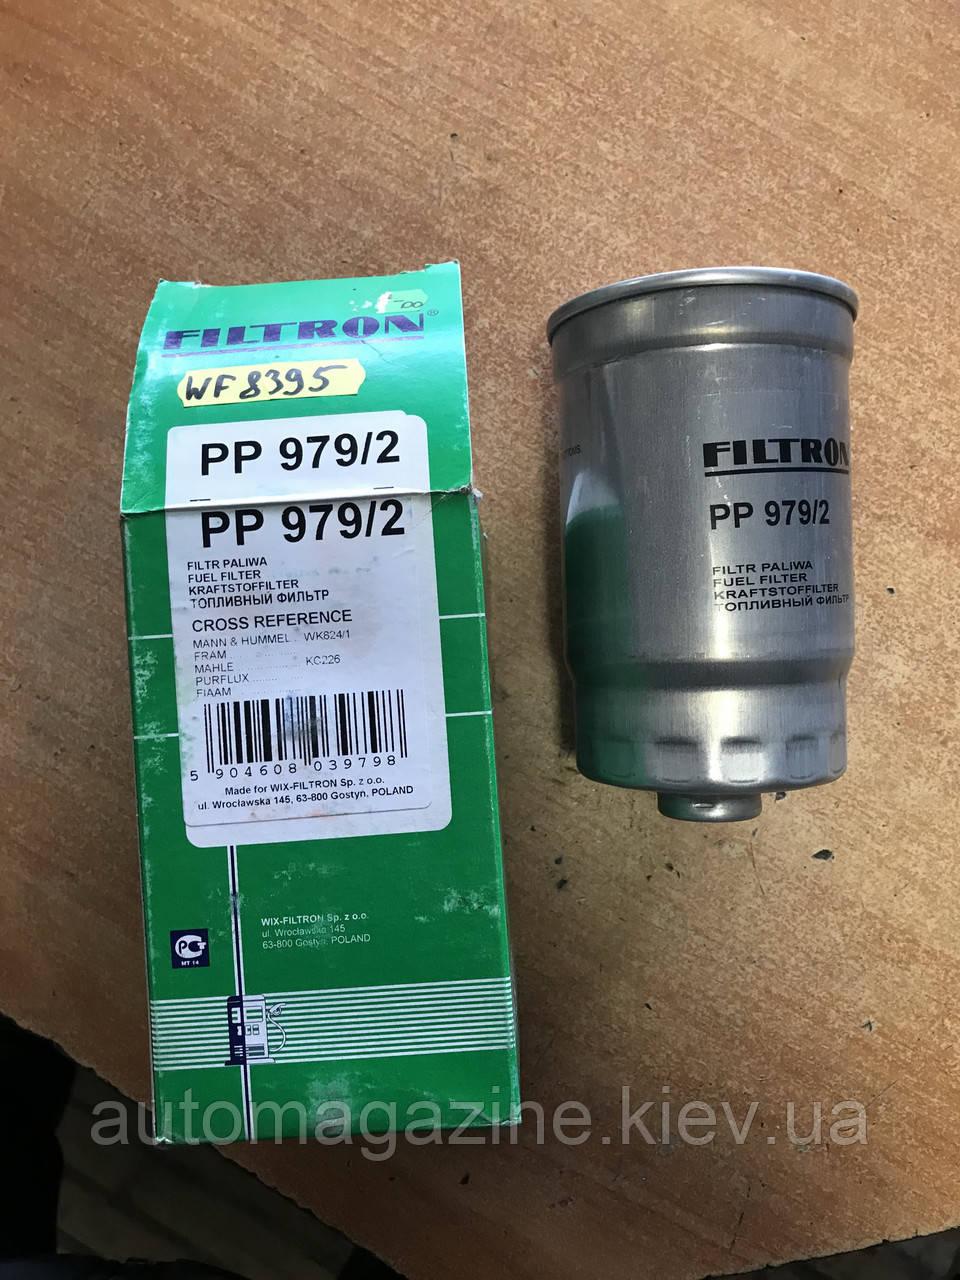 Фильтр топливный WF 8395 (PP979/2)